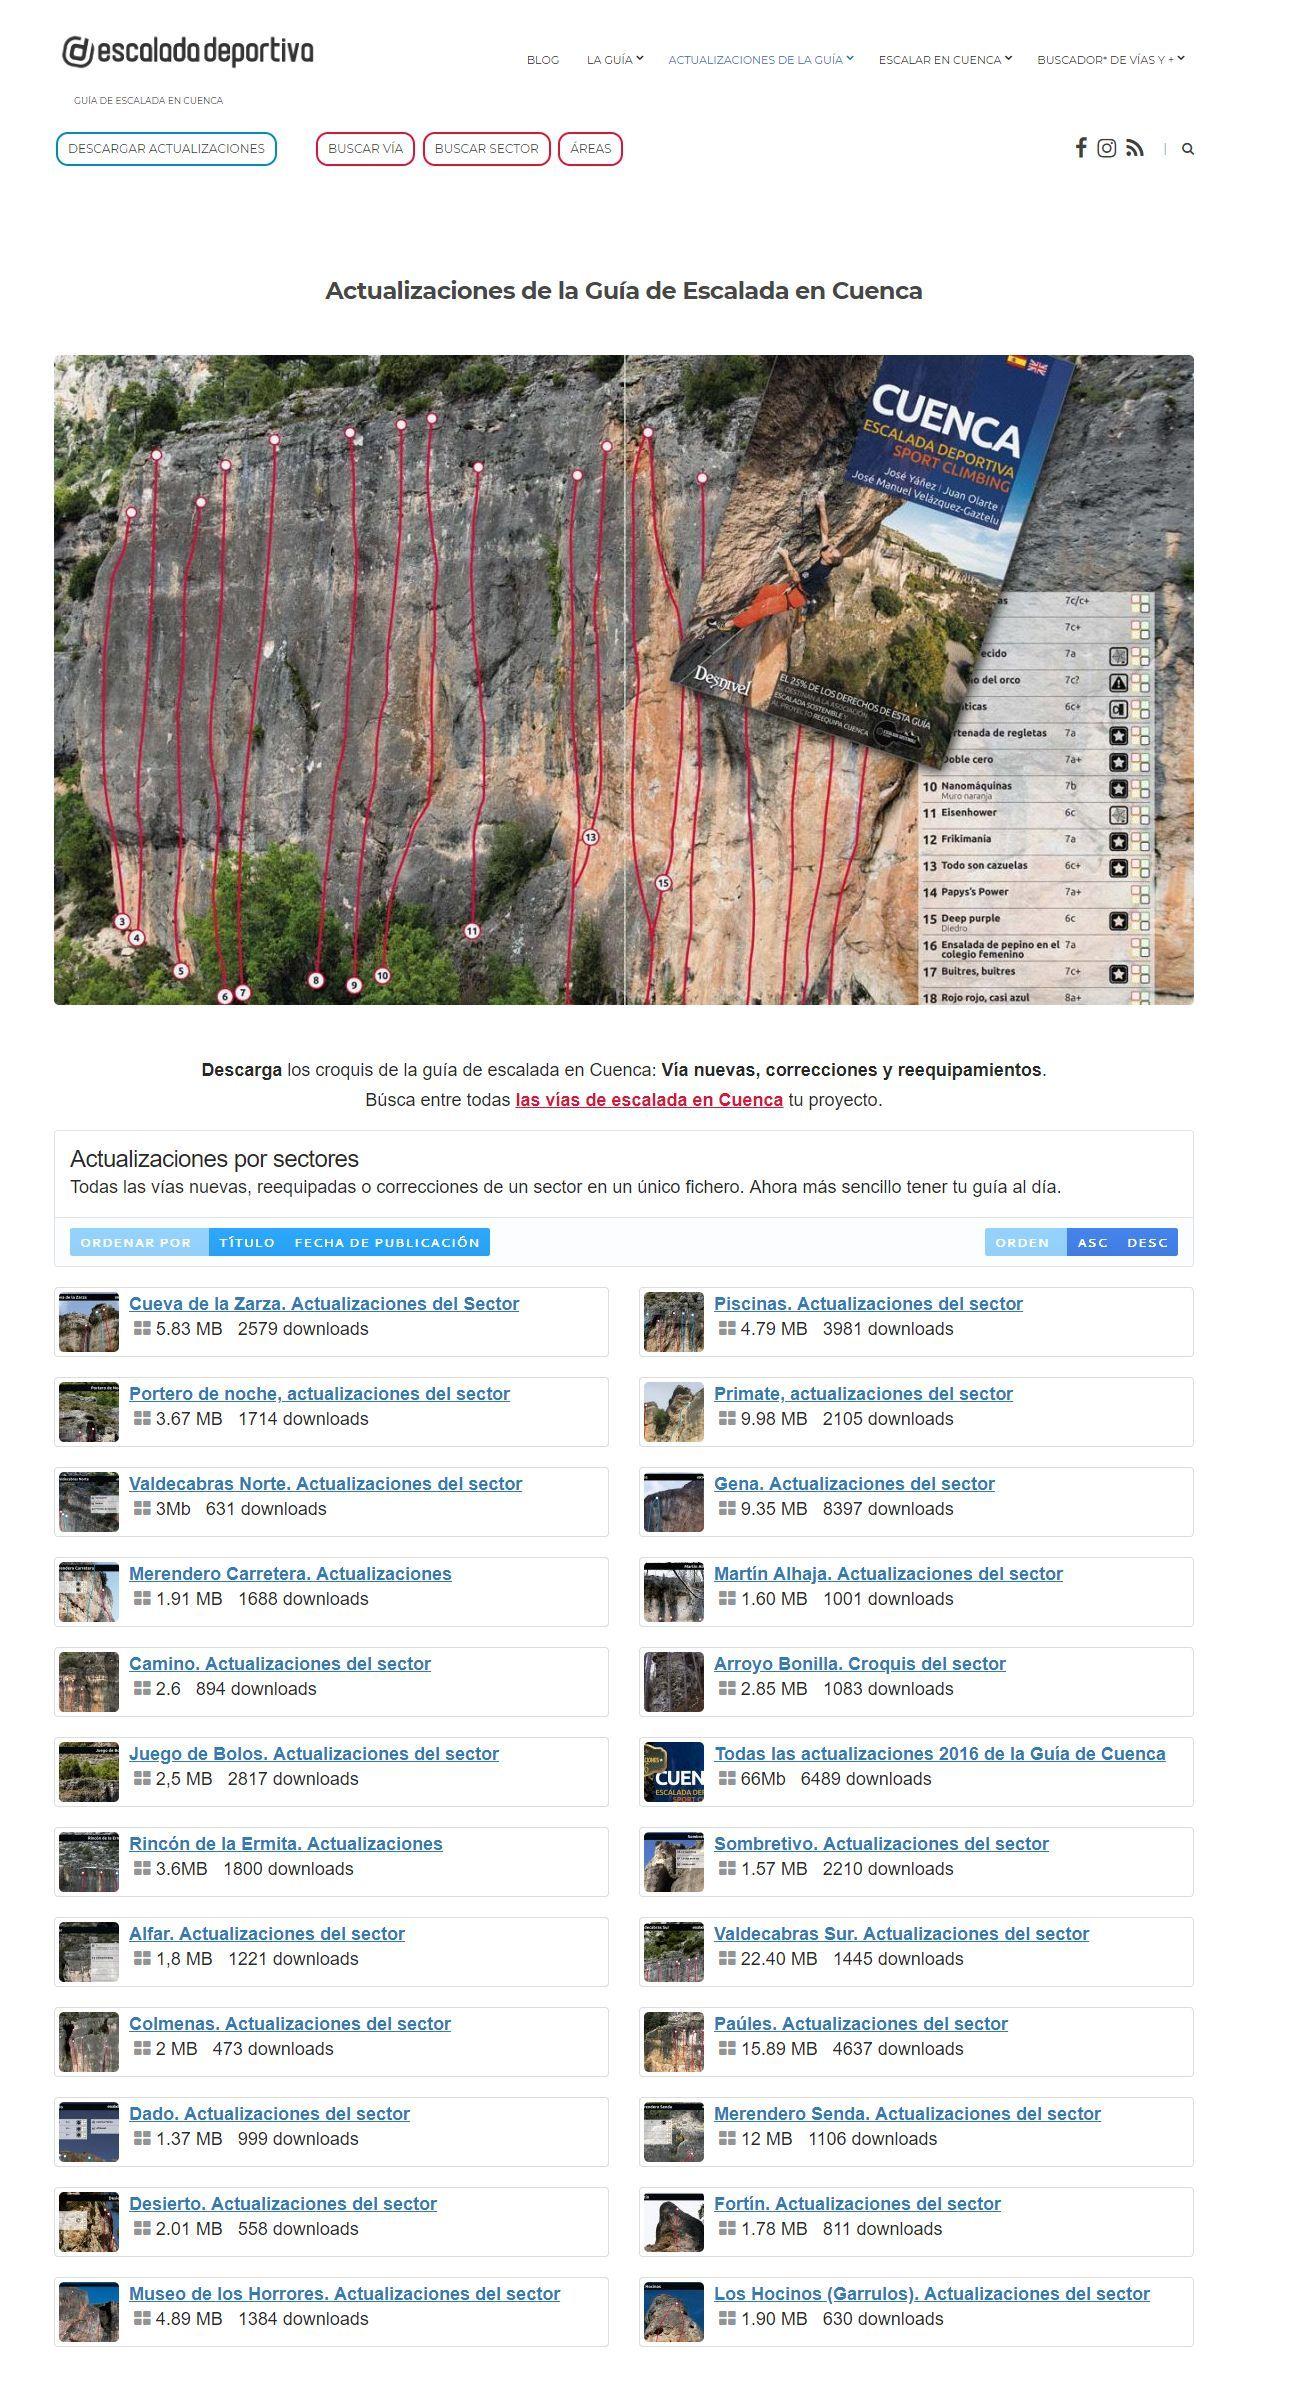 Número de descargas Actualizaciones Guía de Escalada en Cuenca 2018